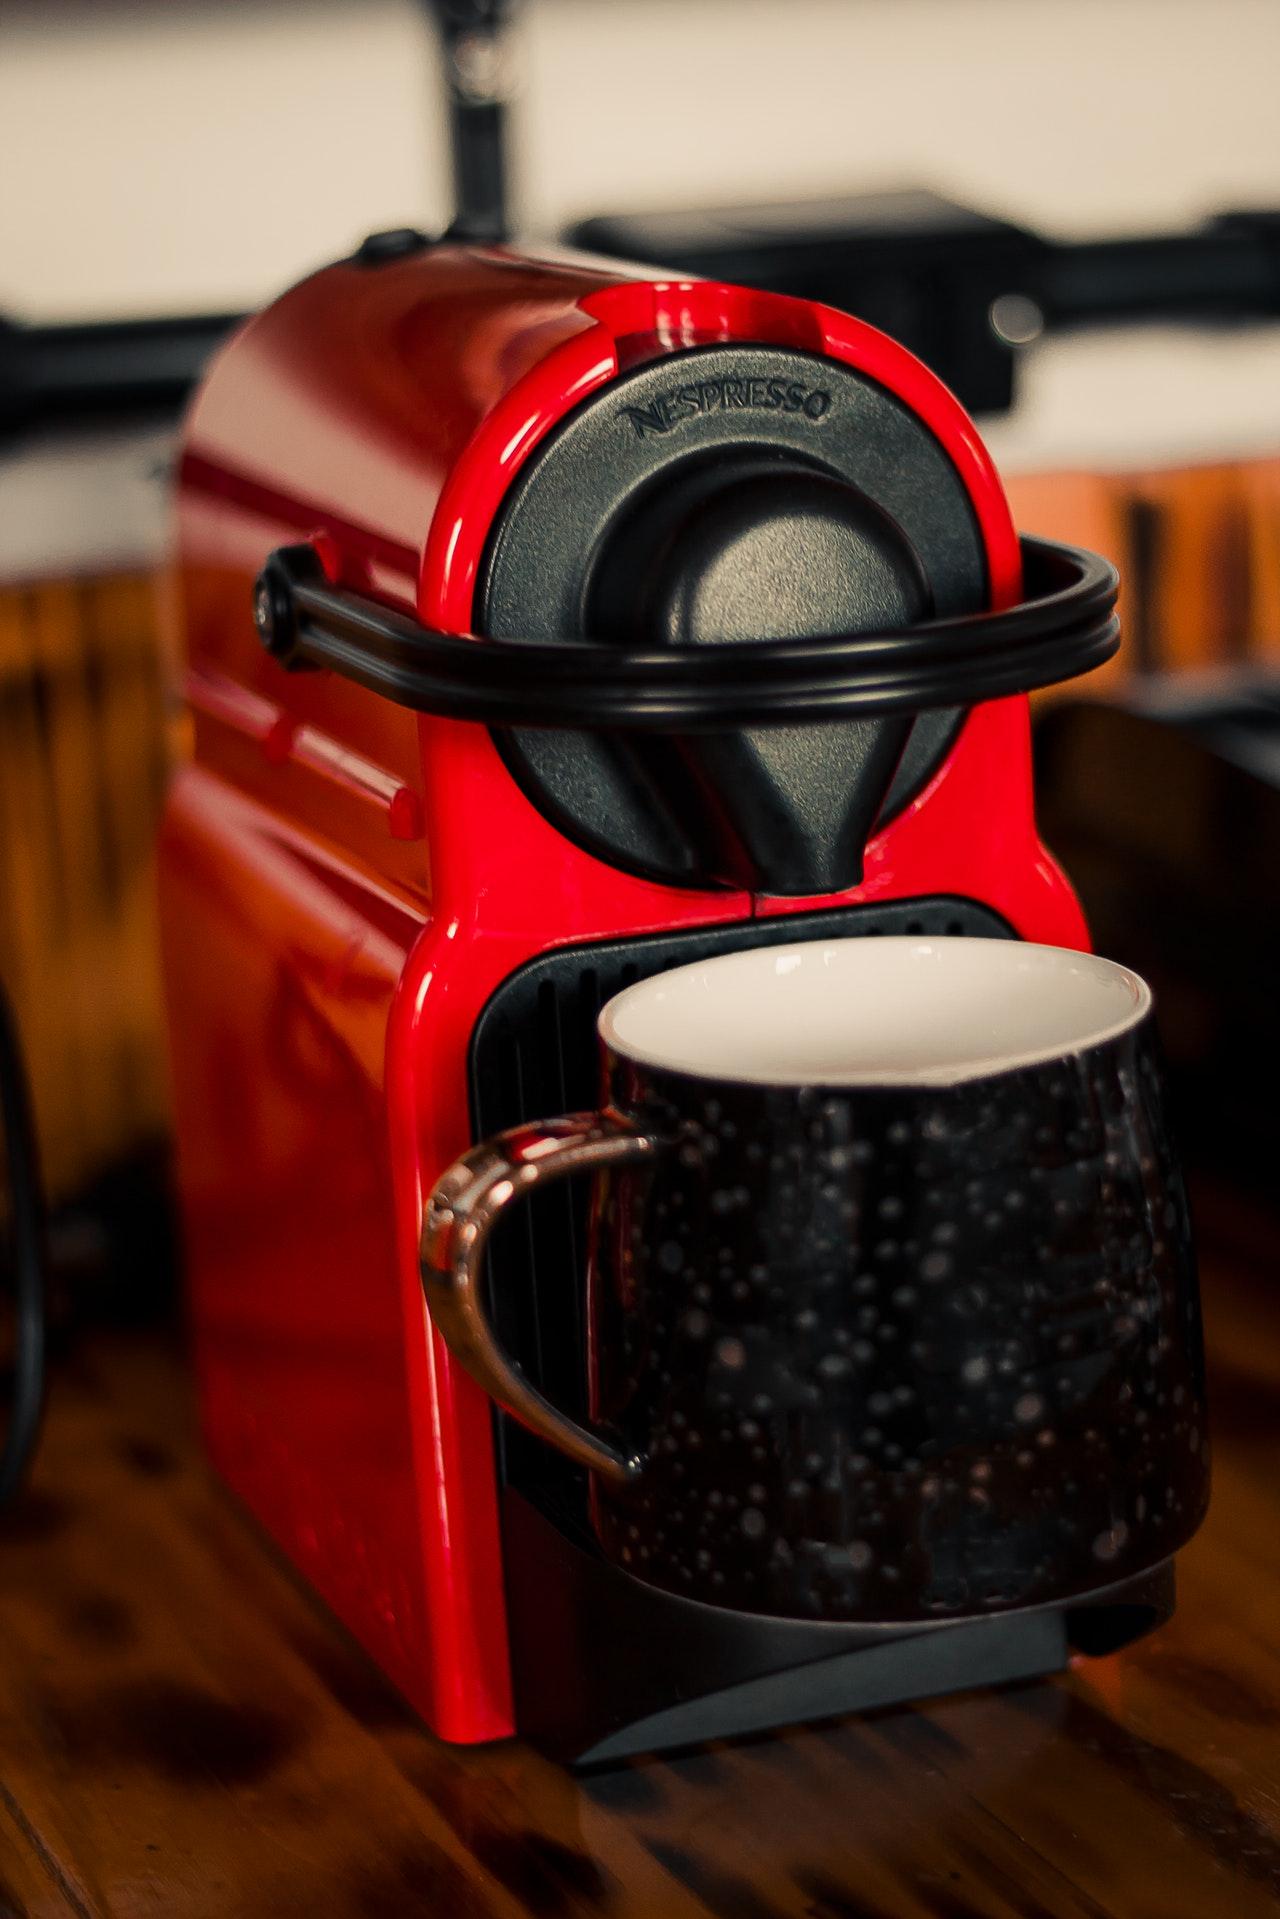 Es gibt auch besonders kleine Kaffeepadmaschinen, welche auch einen guten Kaffee zubereiten.